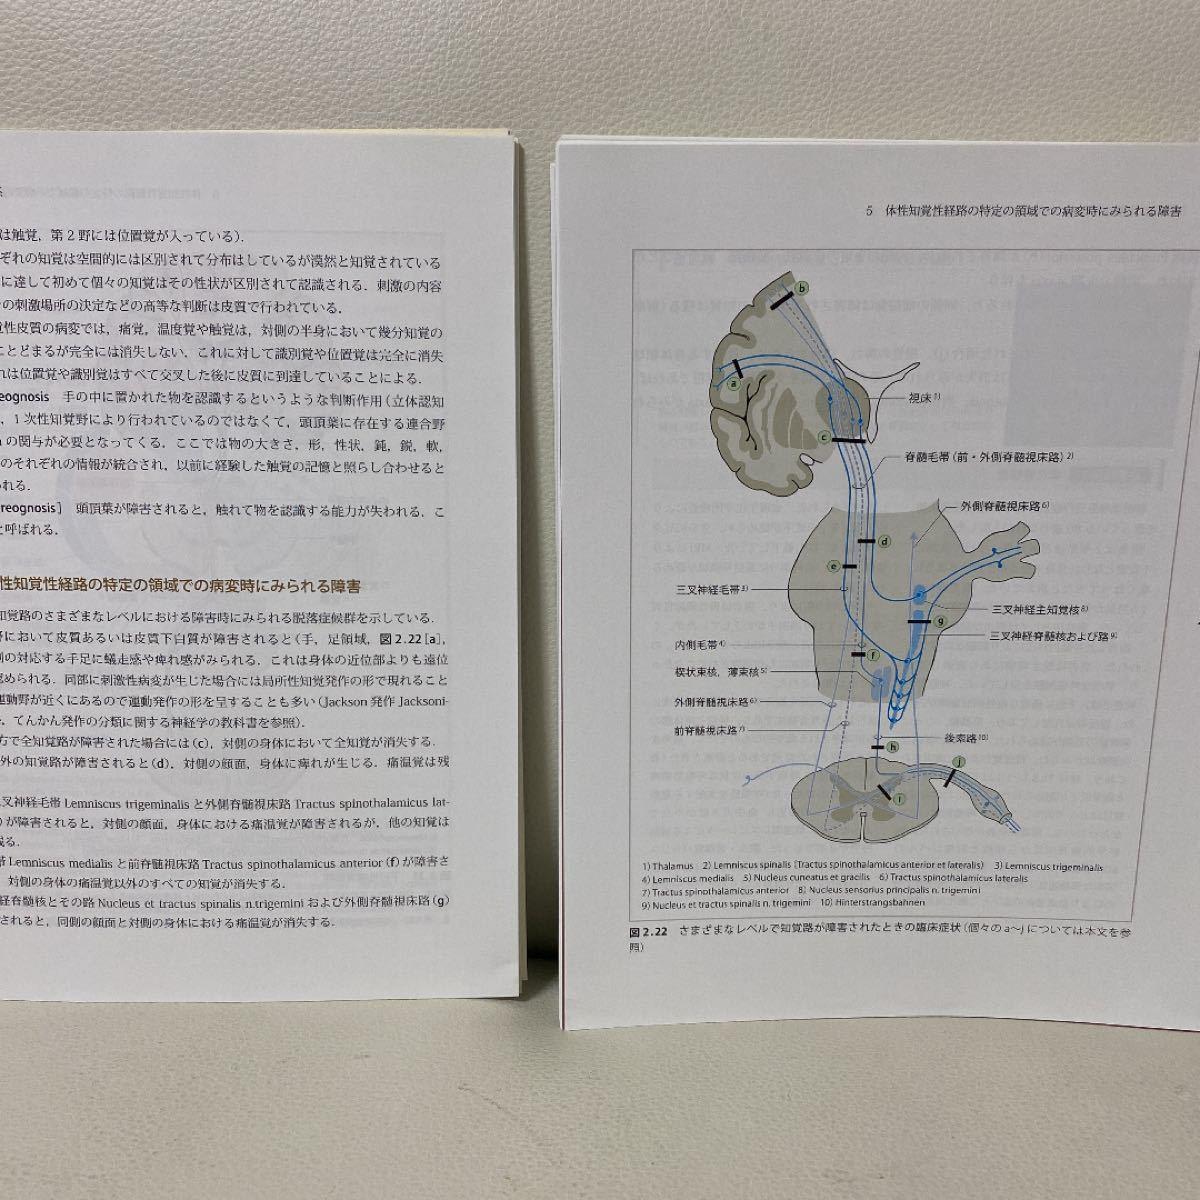 裁断済み 神経局在診断その解剖,生理,臨床改訂第6版